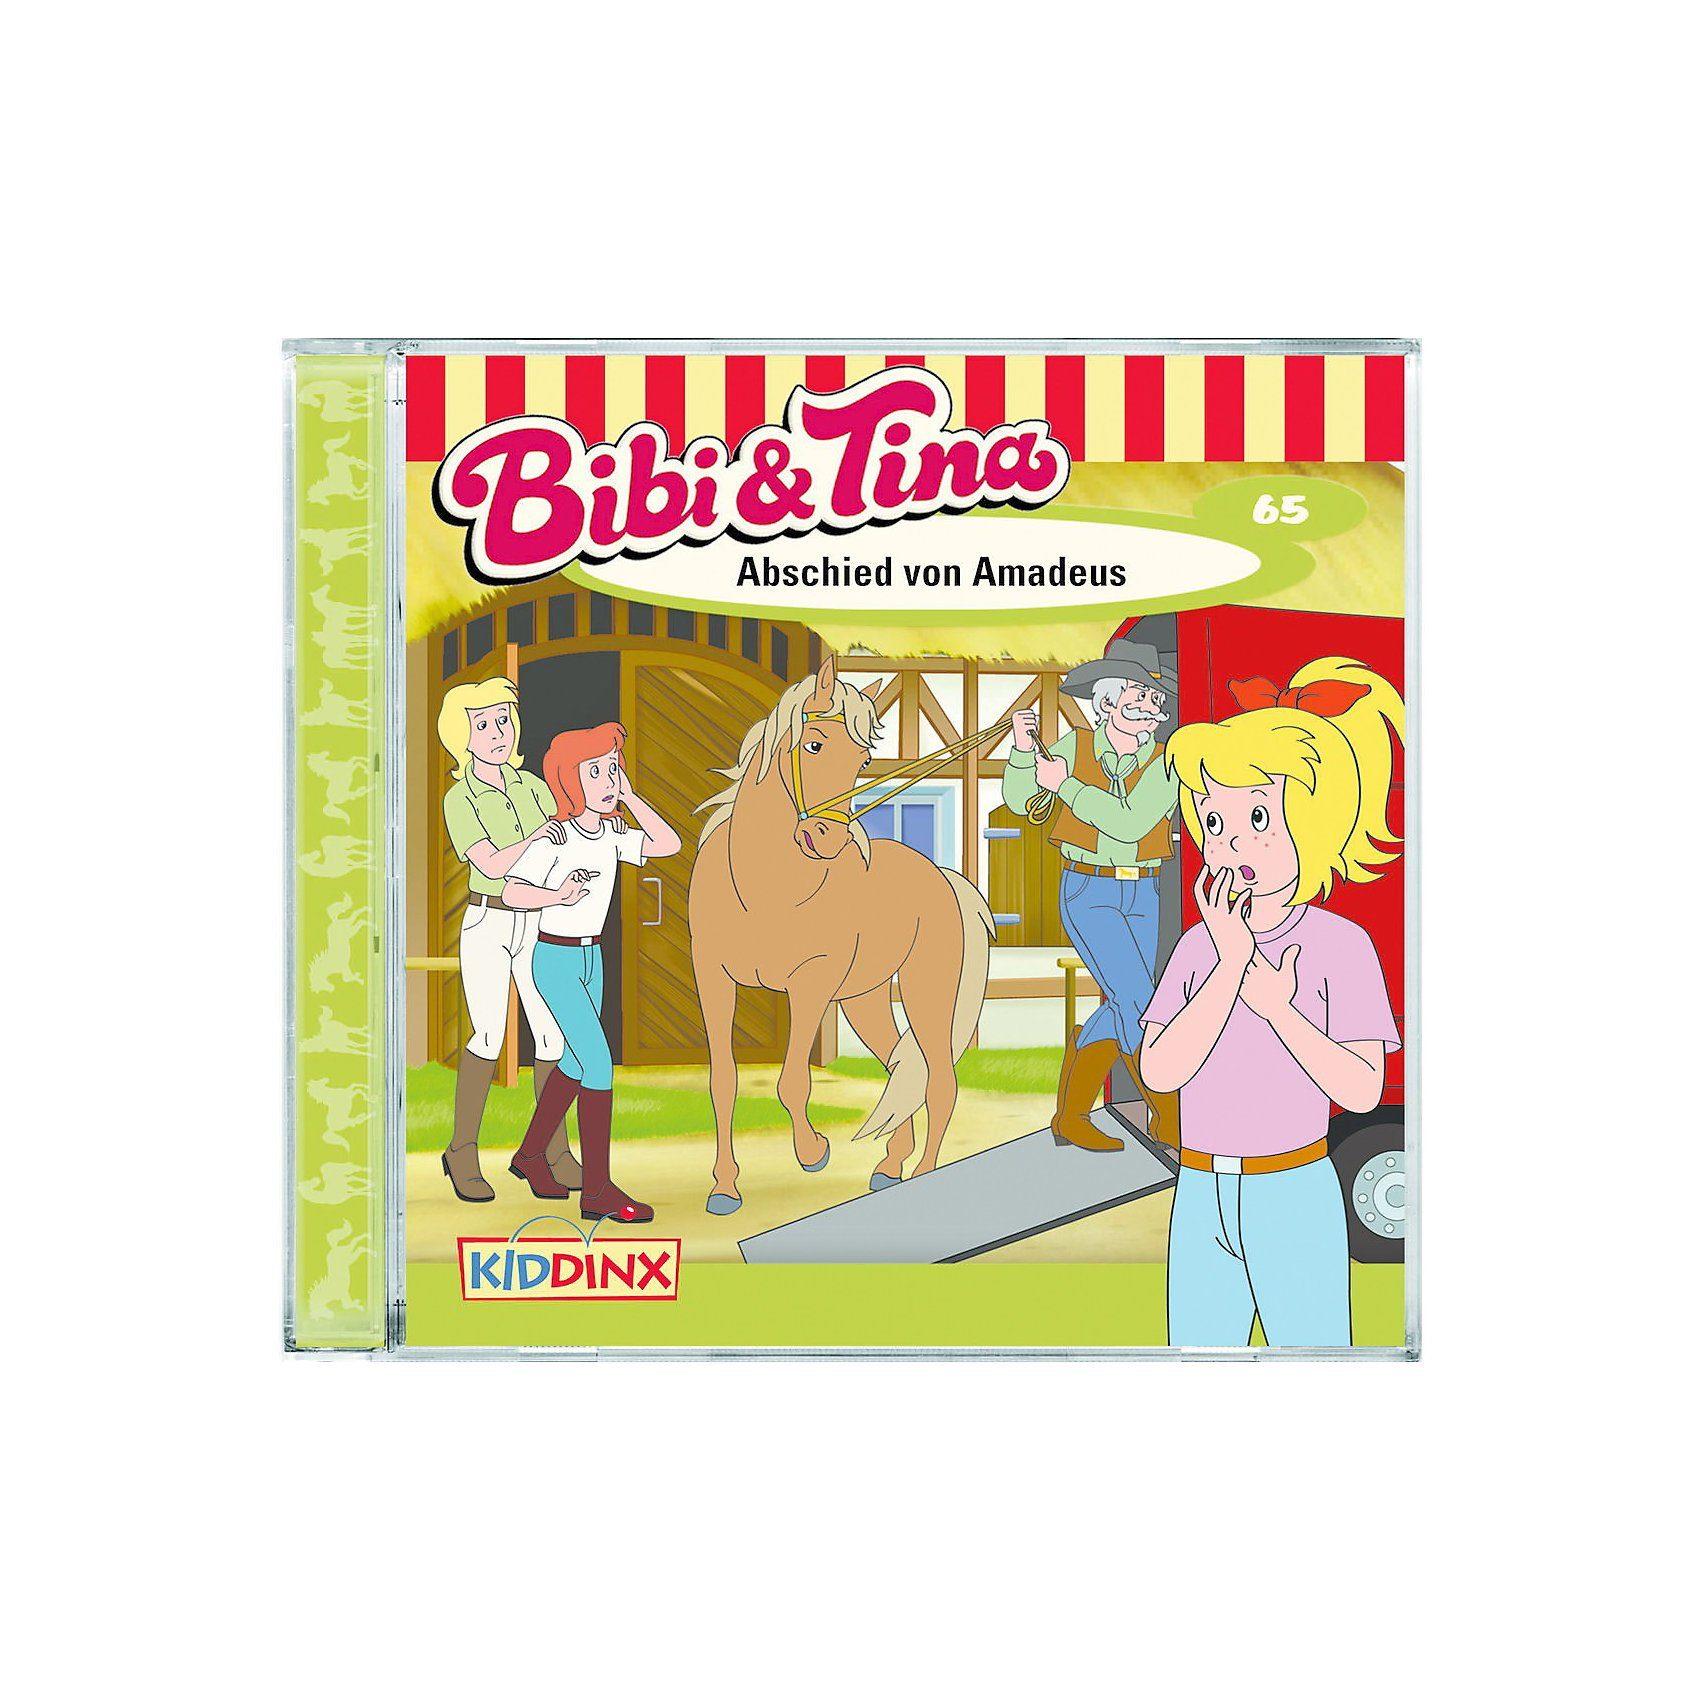 Kiddinx CD Bibi & Tina 65 - Abschied von Amadeus